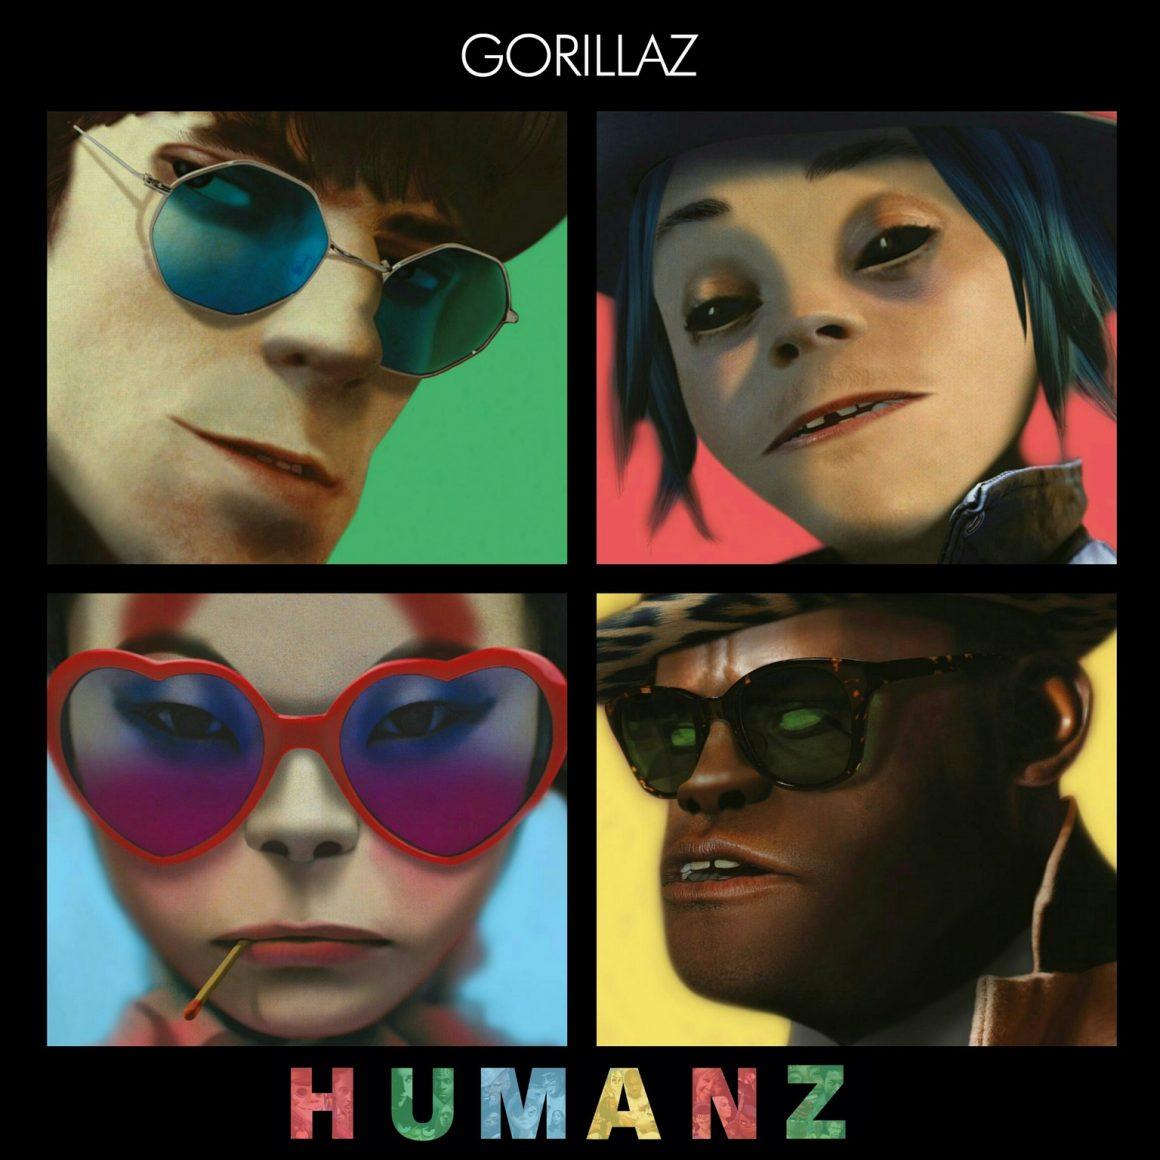 Группа Gorillaz выпустила новый альбом «Humanz»